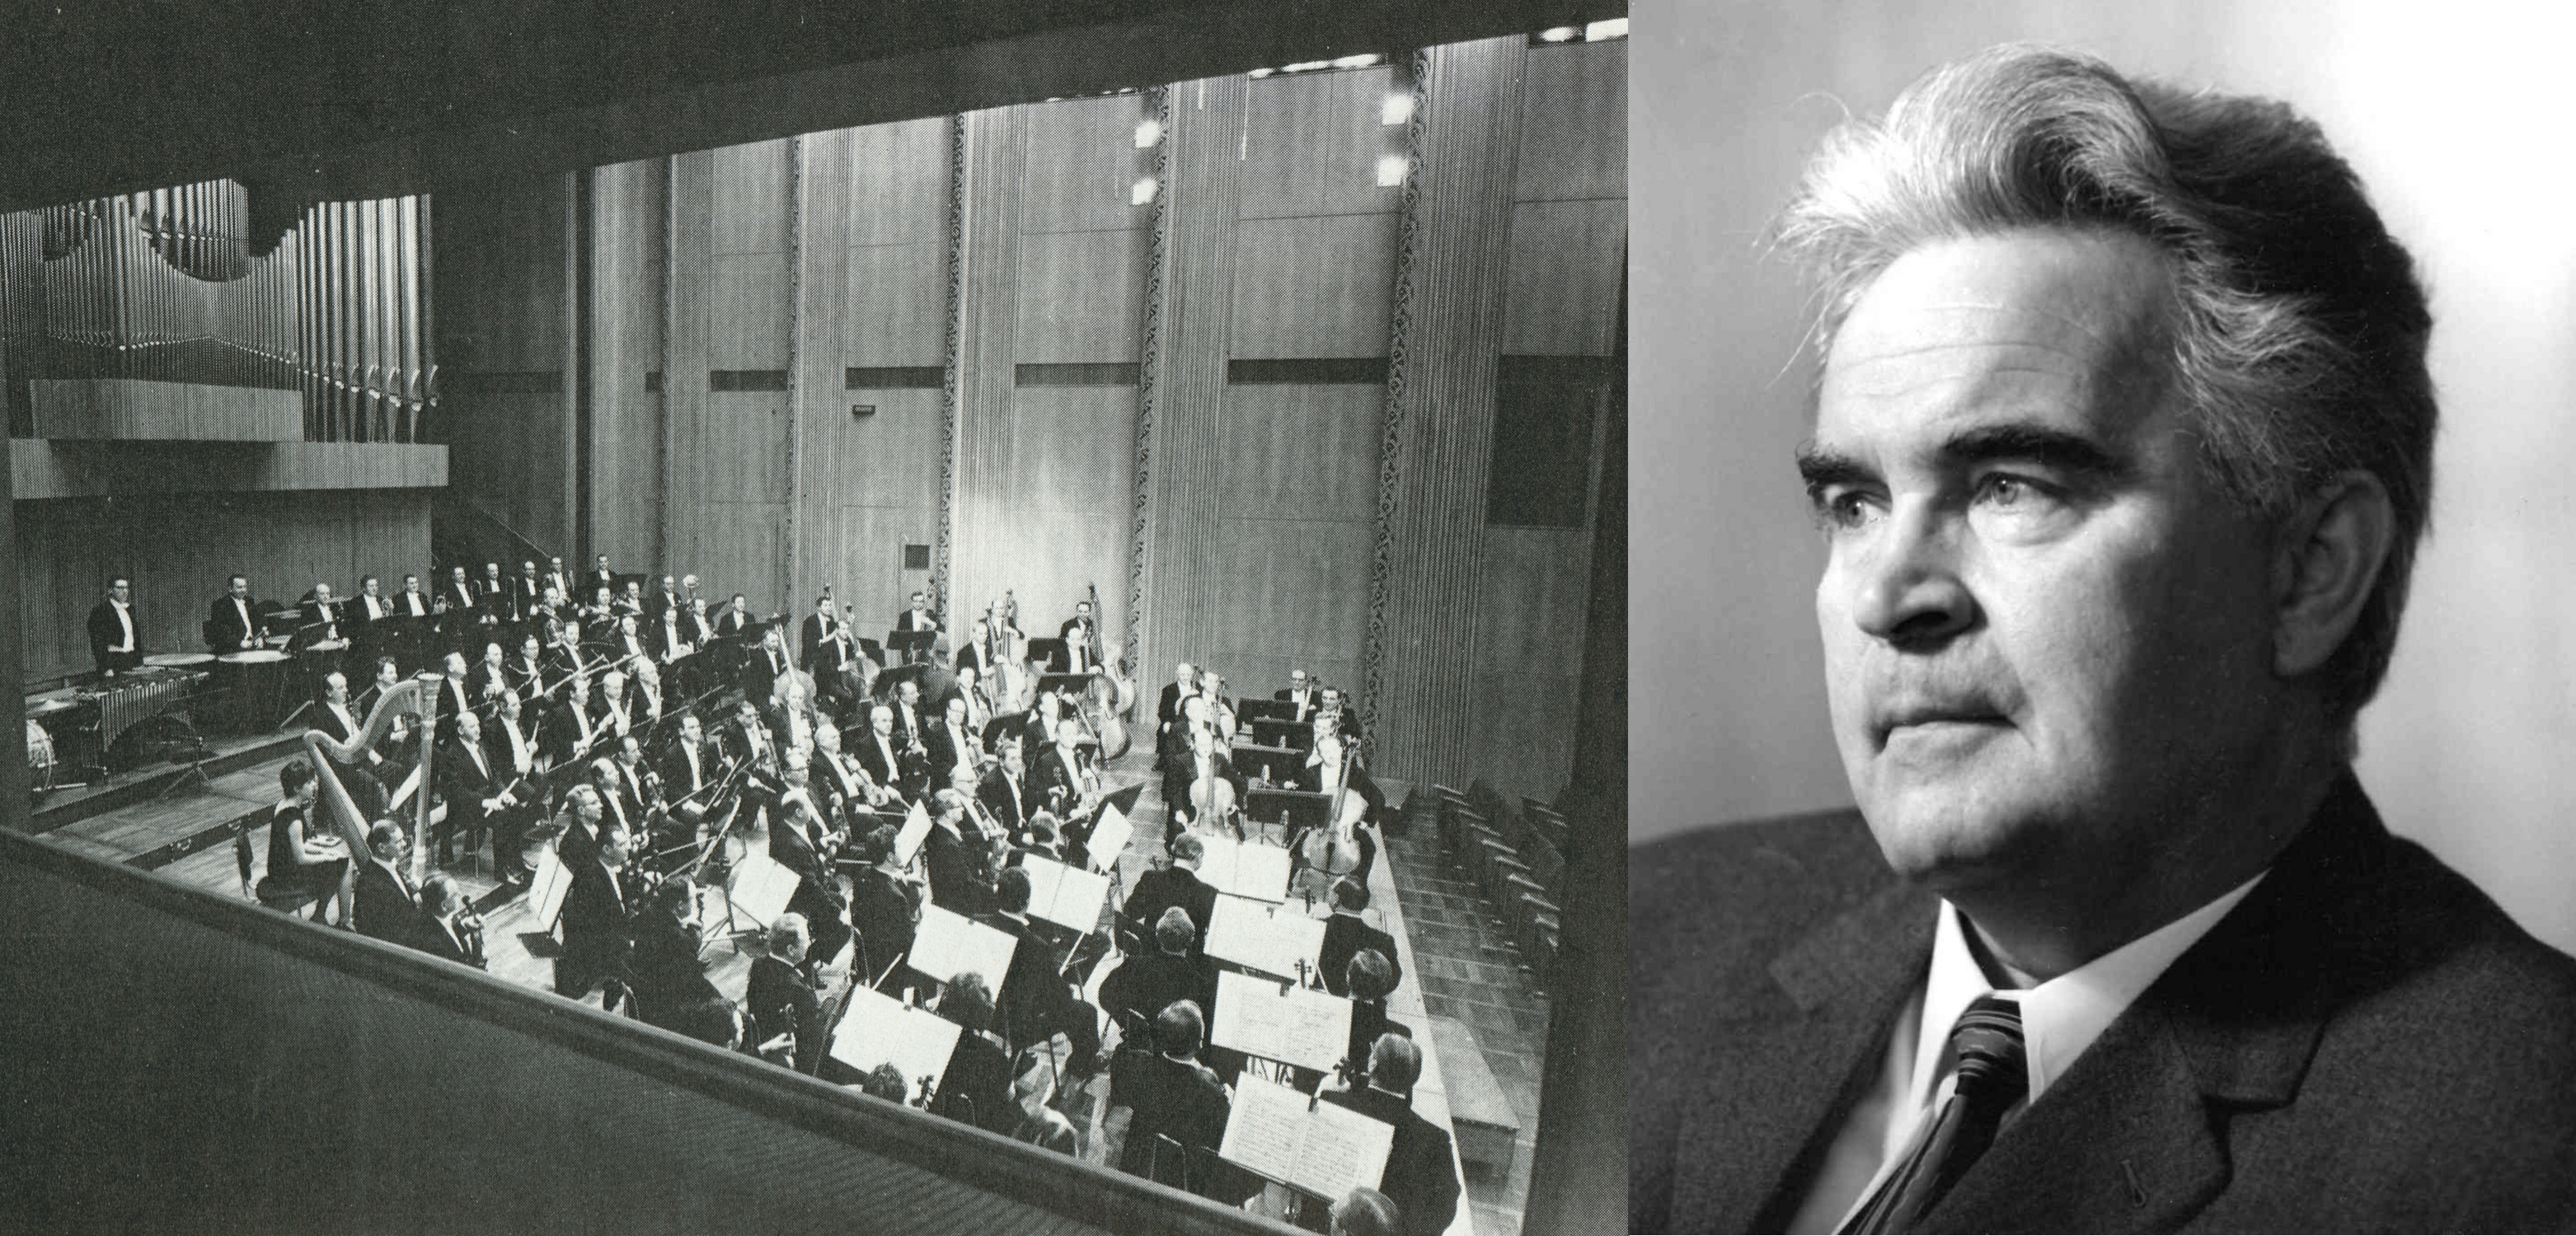 Kölner-Rundfunk-Sinfonie-Orchester im grossen Sendesaal Köln - Wilhelm Schüchter